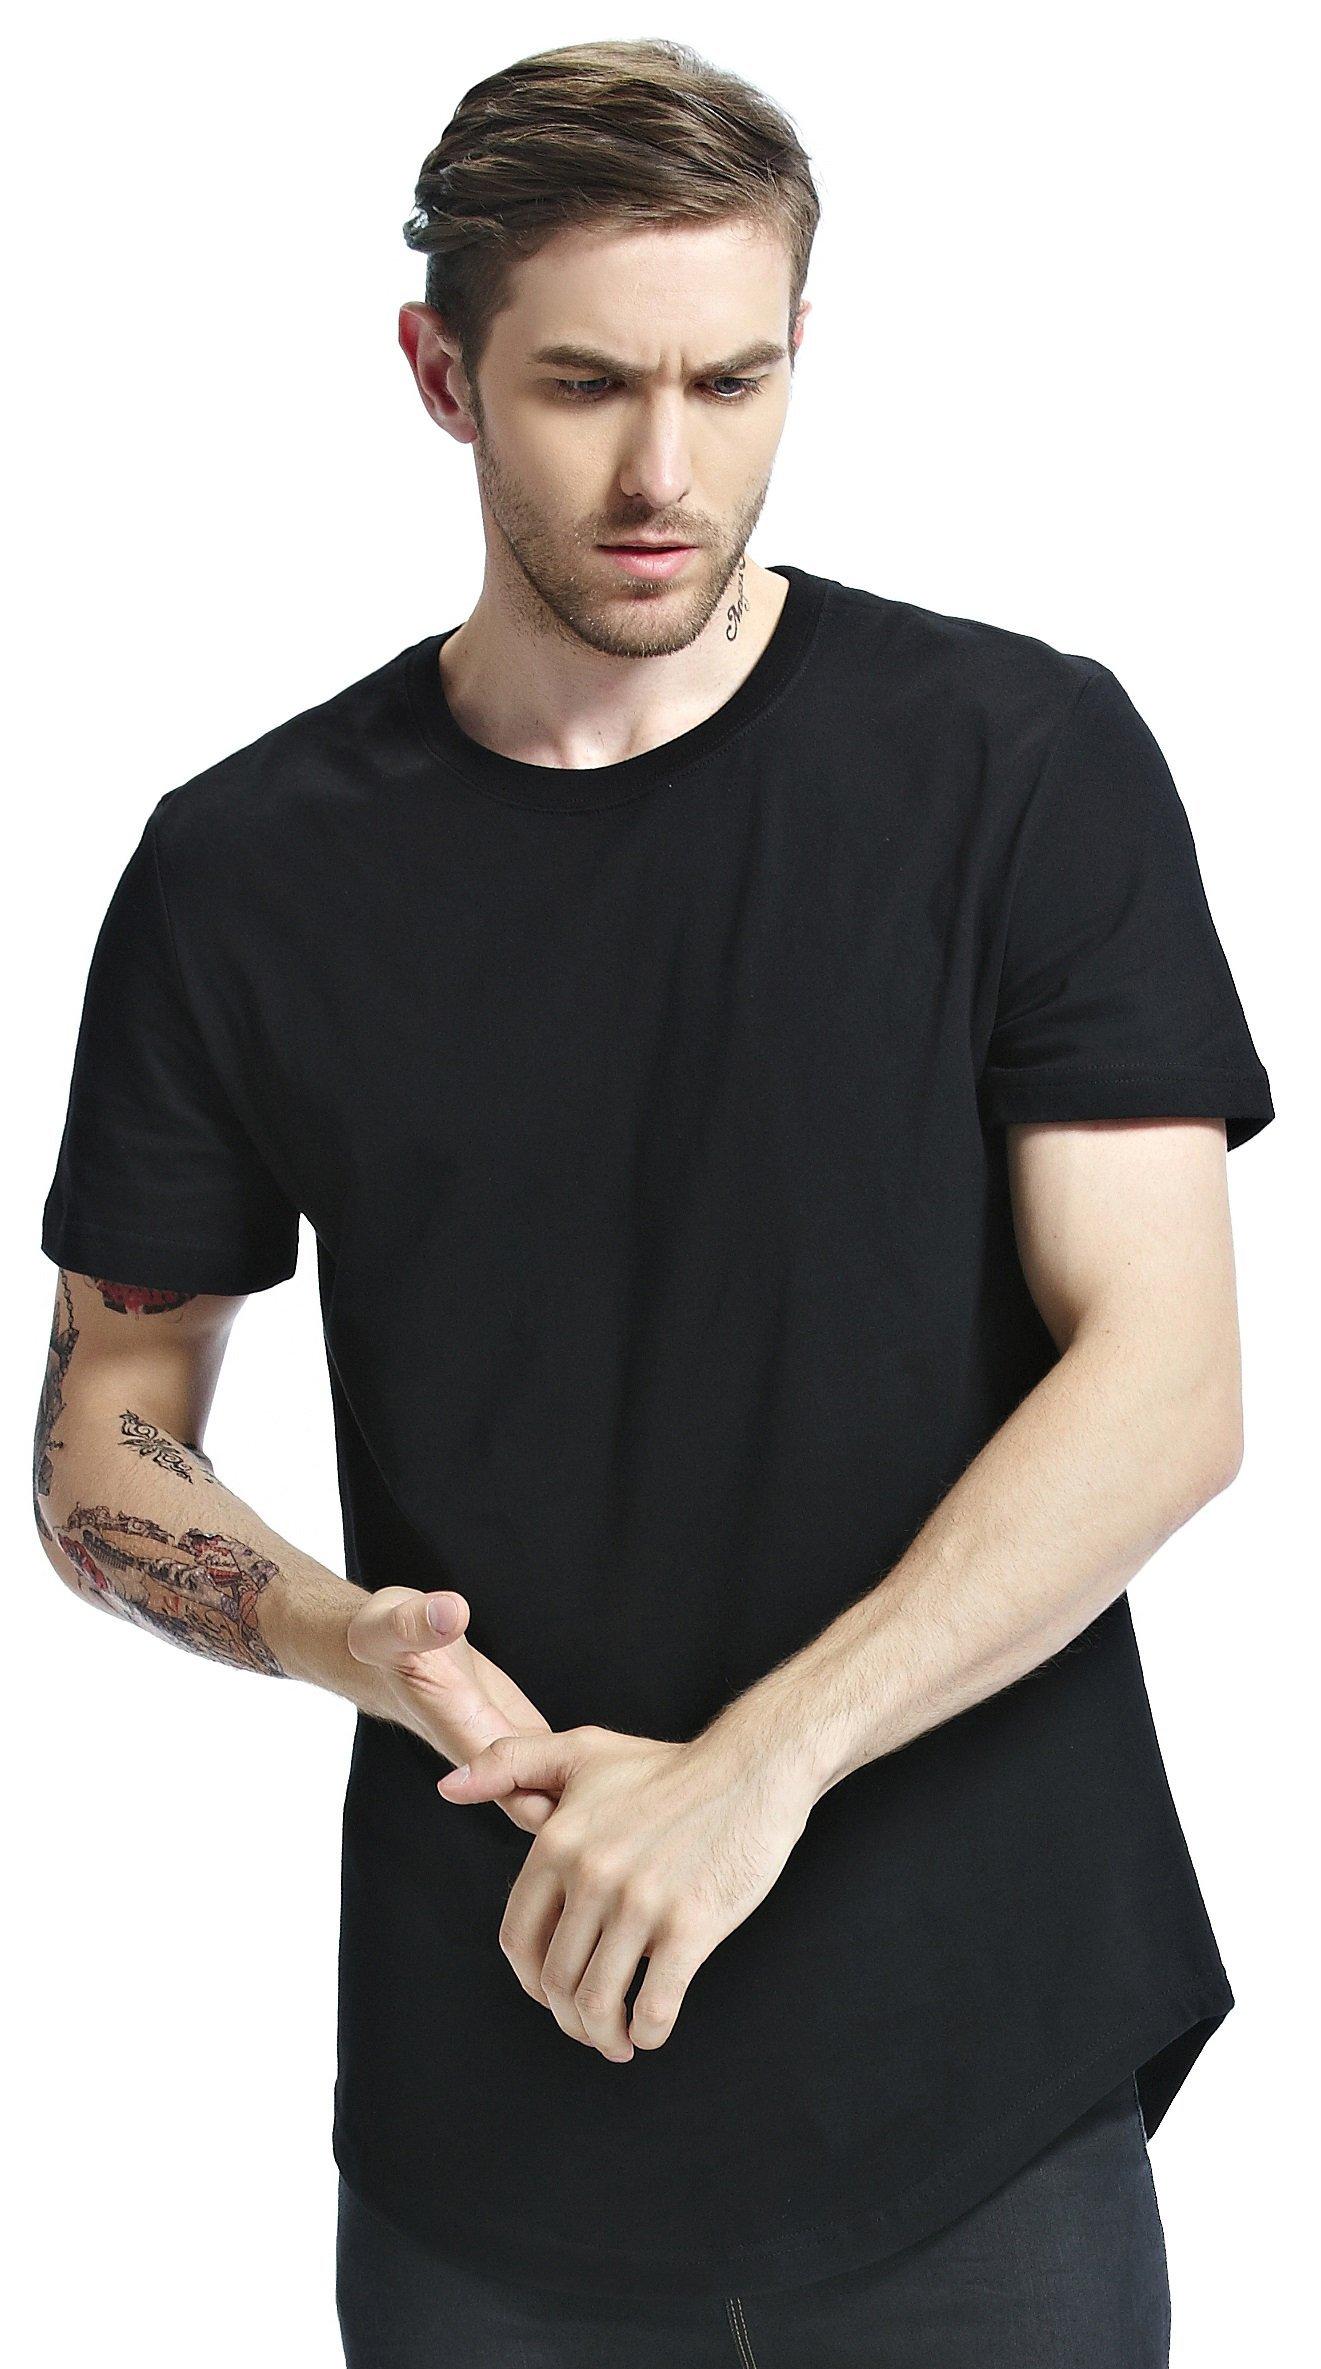 Bertte Mens Hipster Hip Hop Basic Longline Curved Hem Crewneck Short Sleeve T-shirt, Solid Color Black, Large